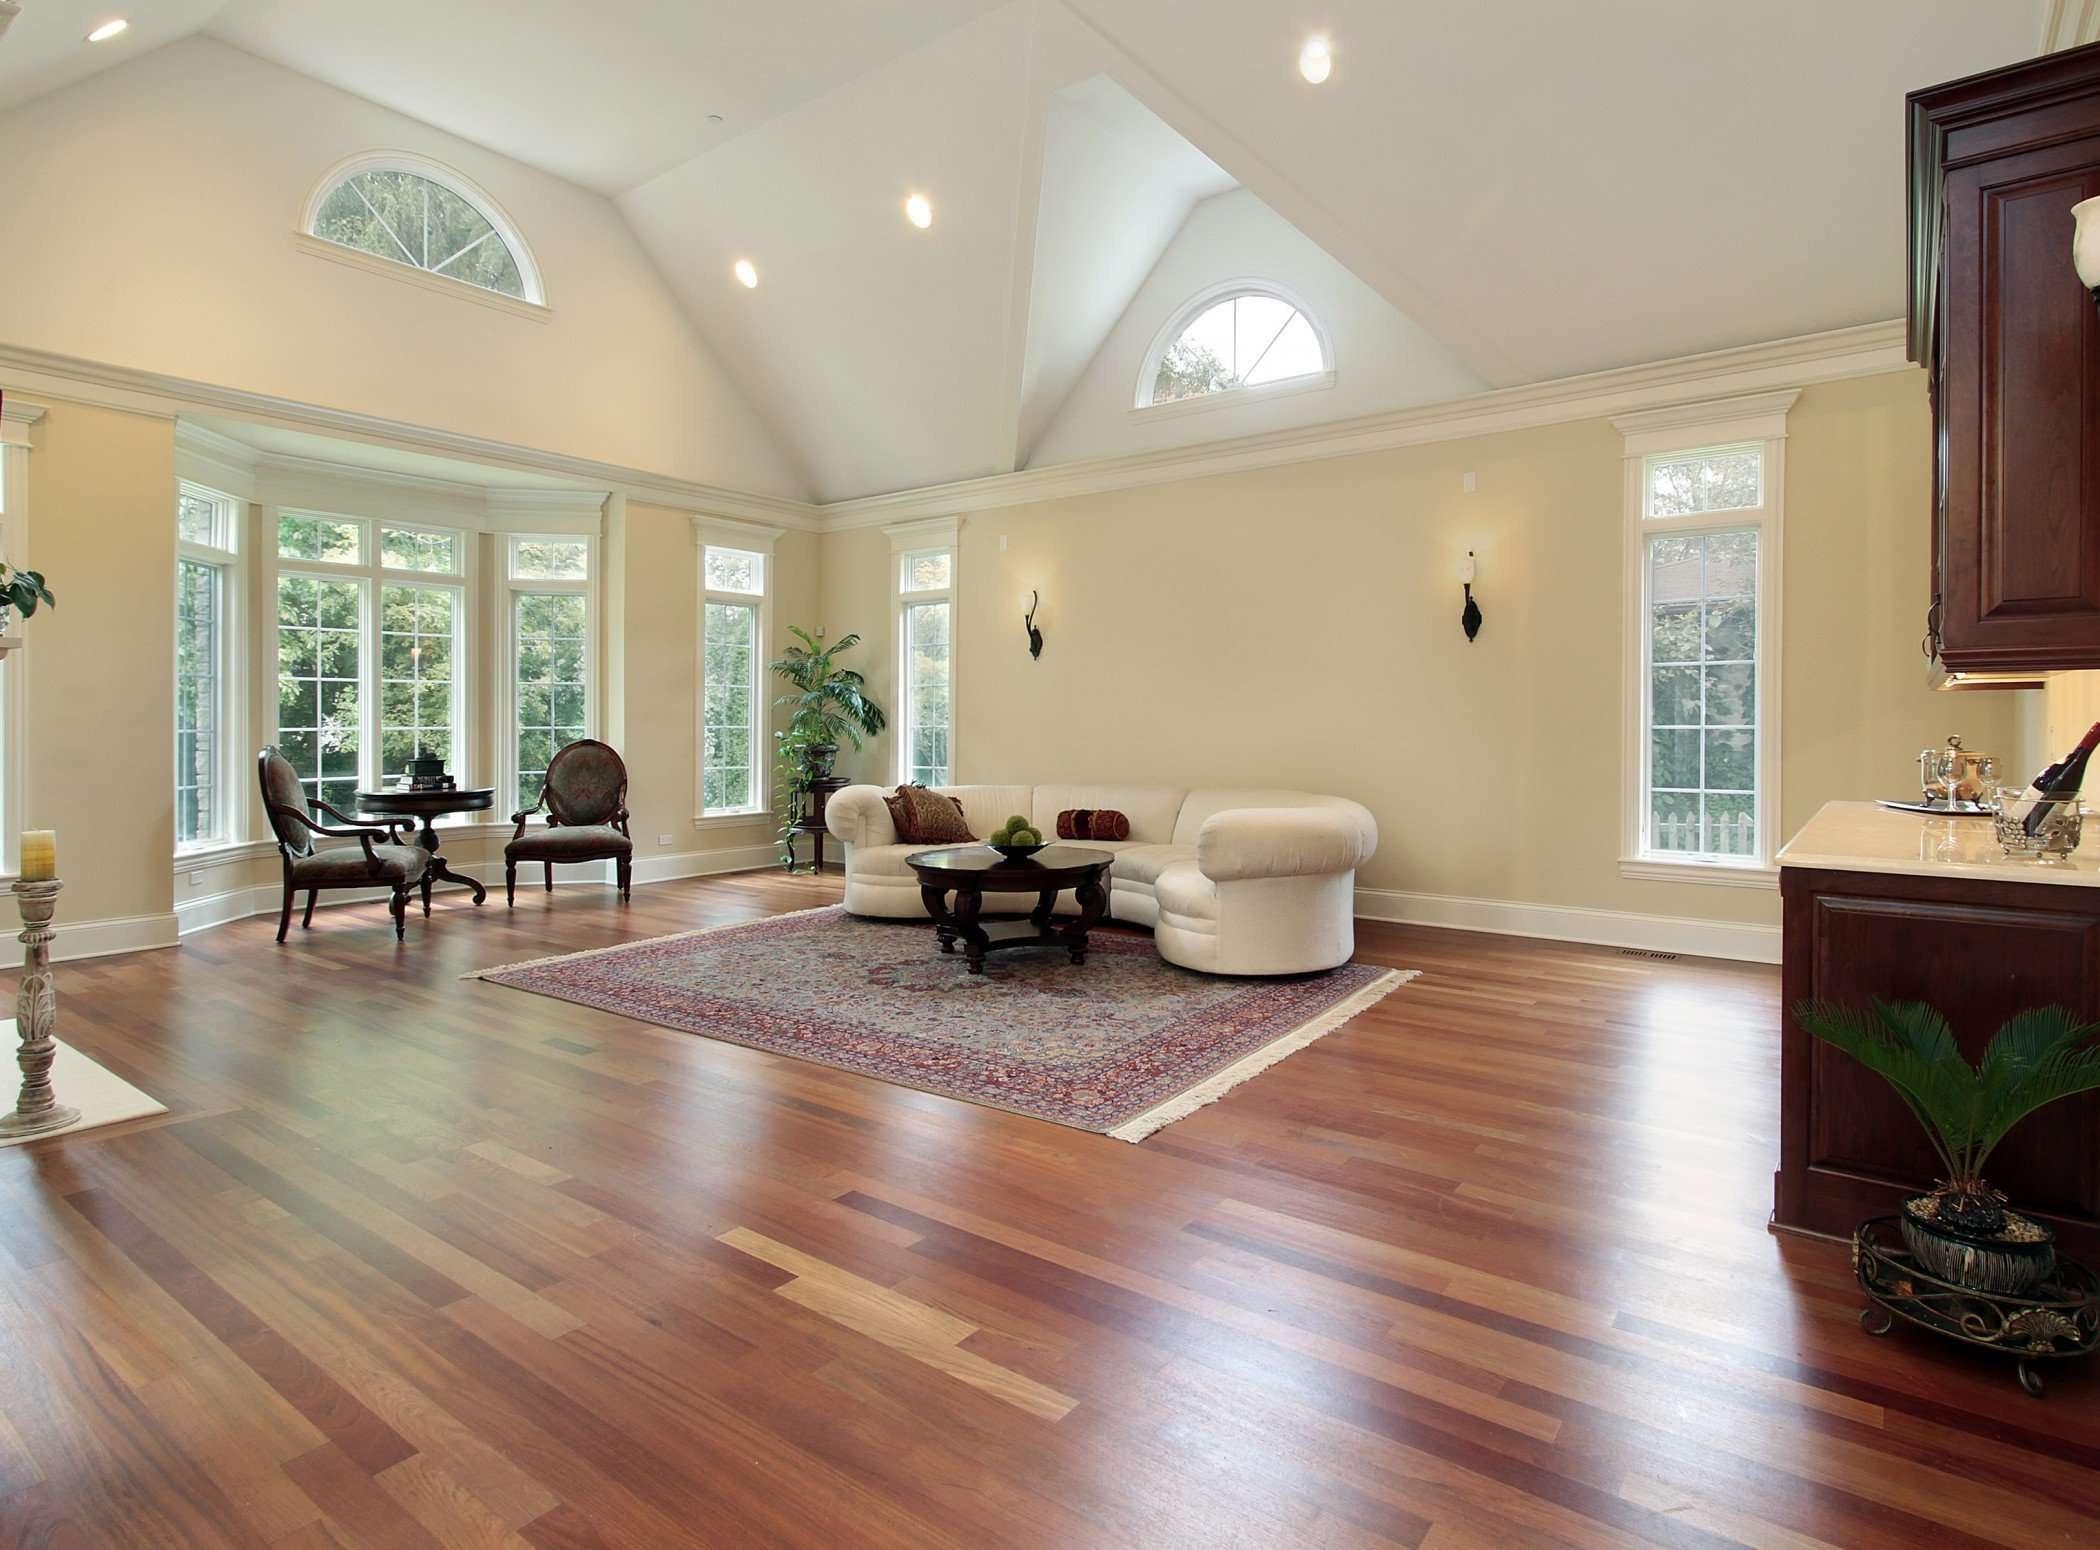 hardwood flooring manufacturers list of wood floor price lists a1 wood floors within perths largest range of wood floors